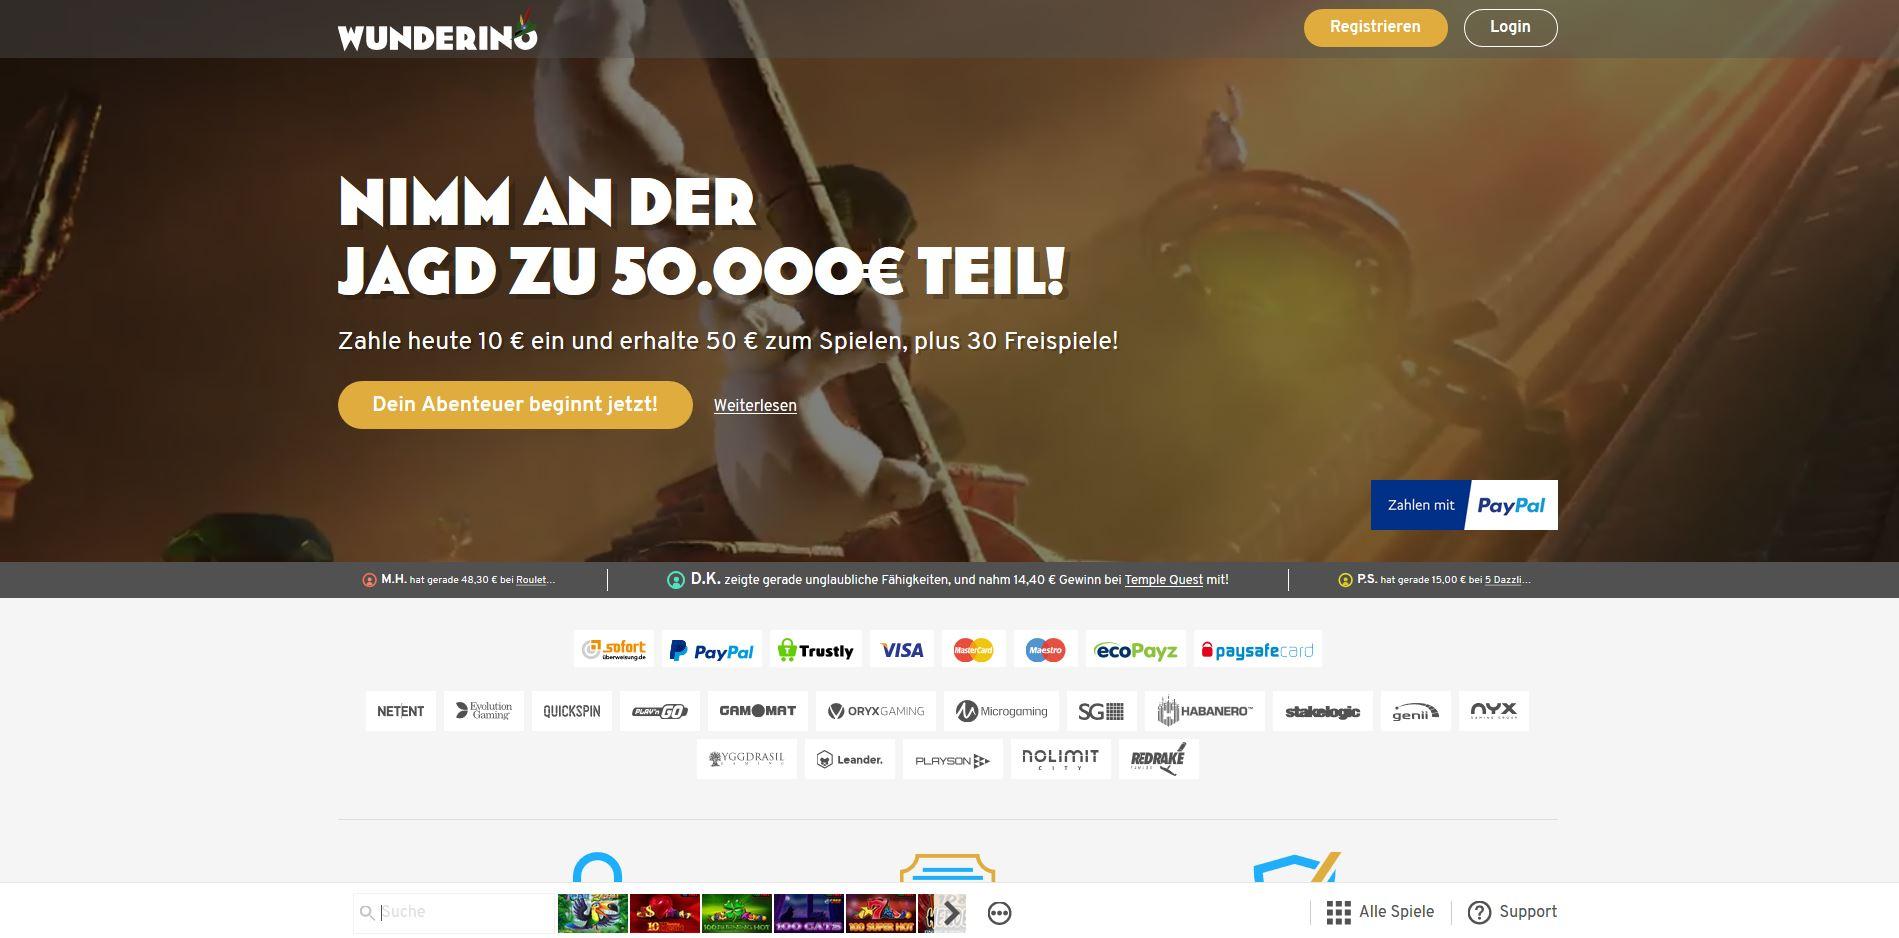 casino online paypal deutschland